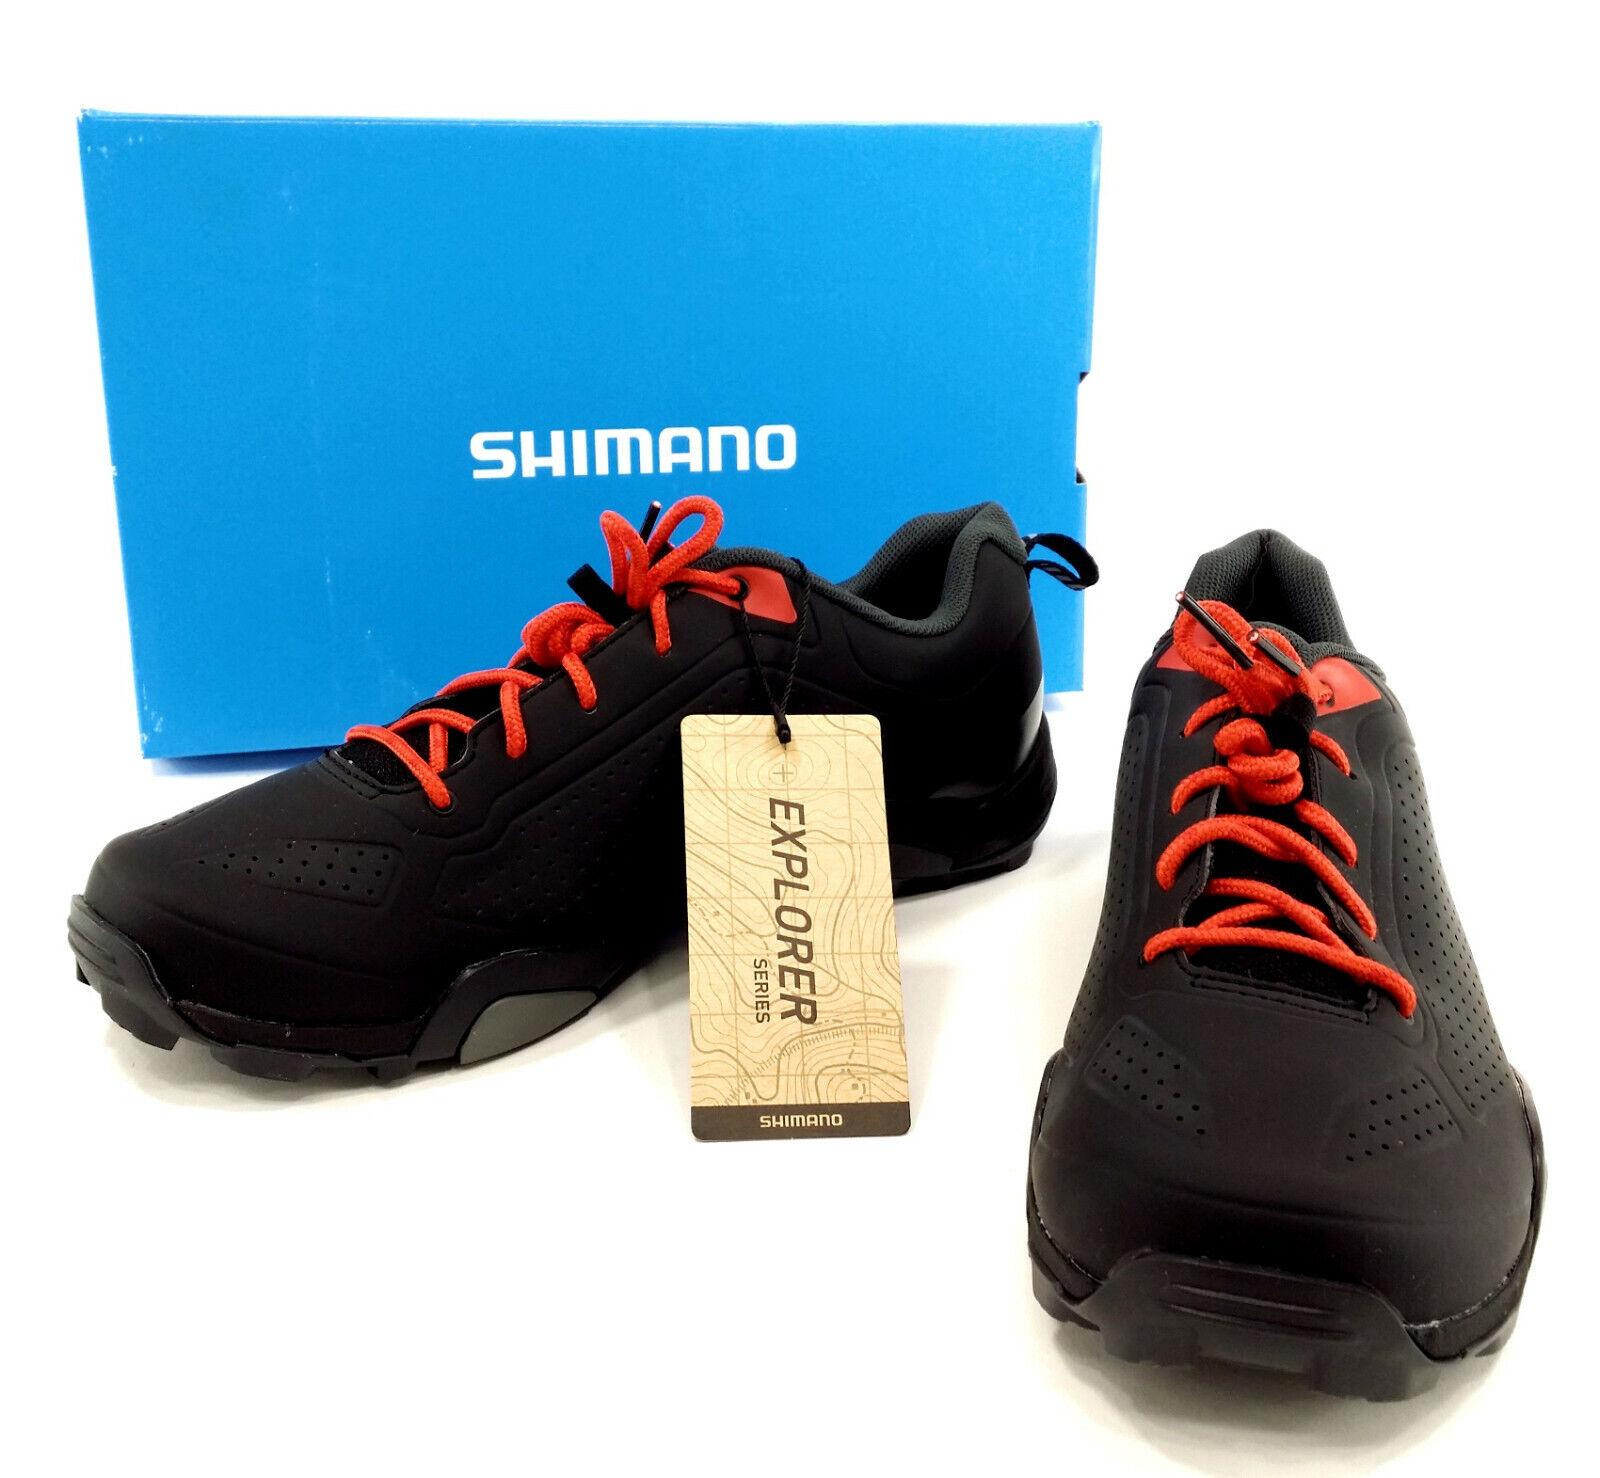 Shimano SH-MT3 Mountain Bike shoes - Men's US 5.8,